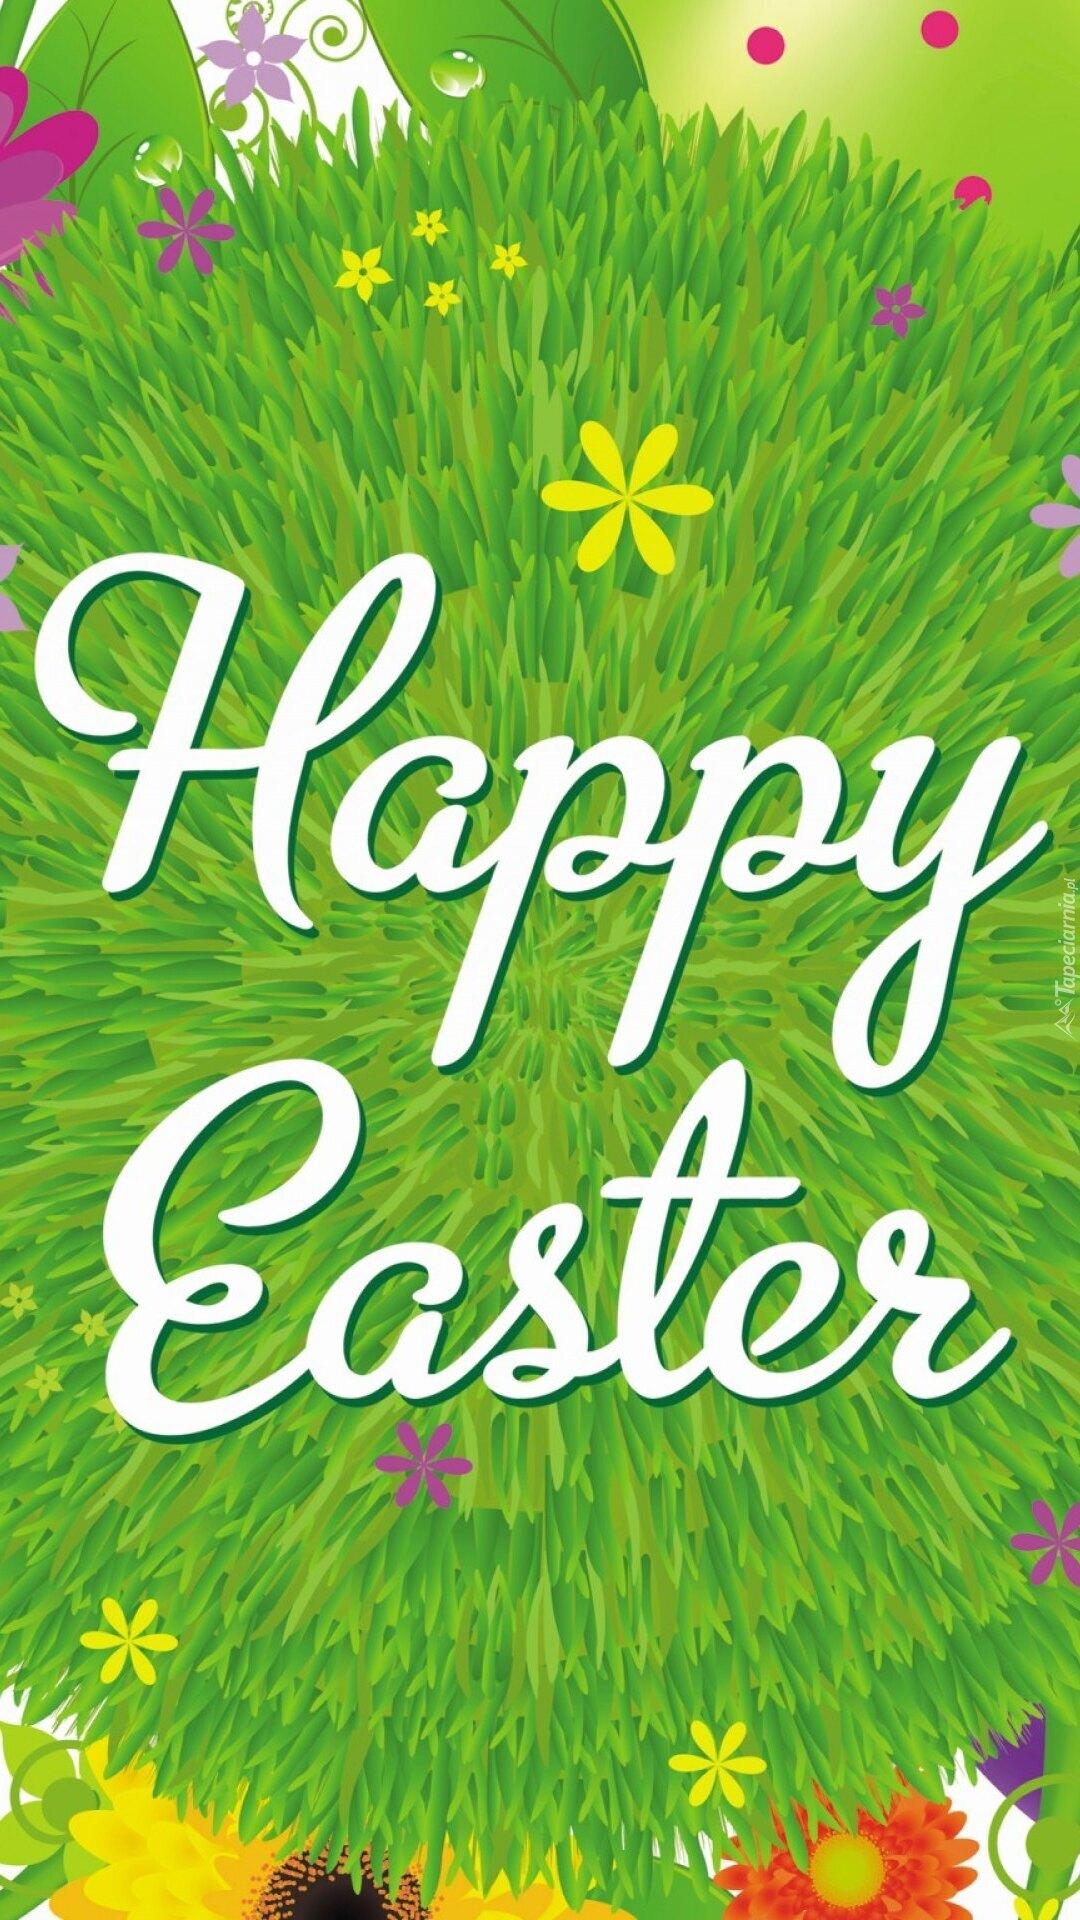 Wielkanocna grafika